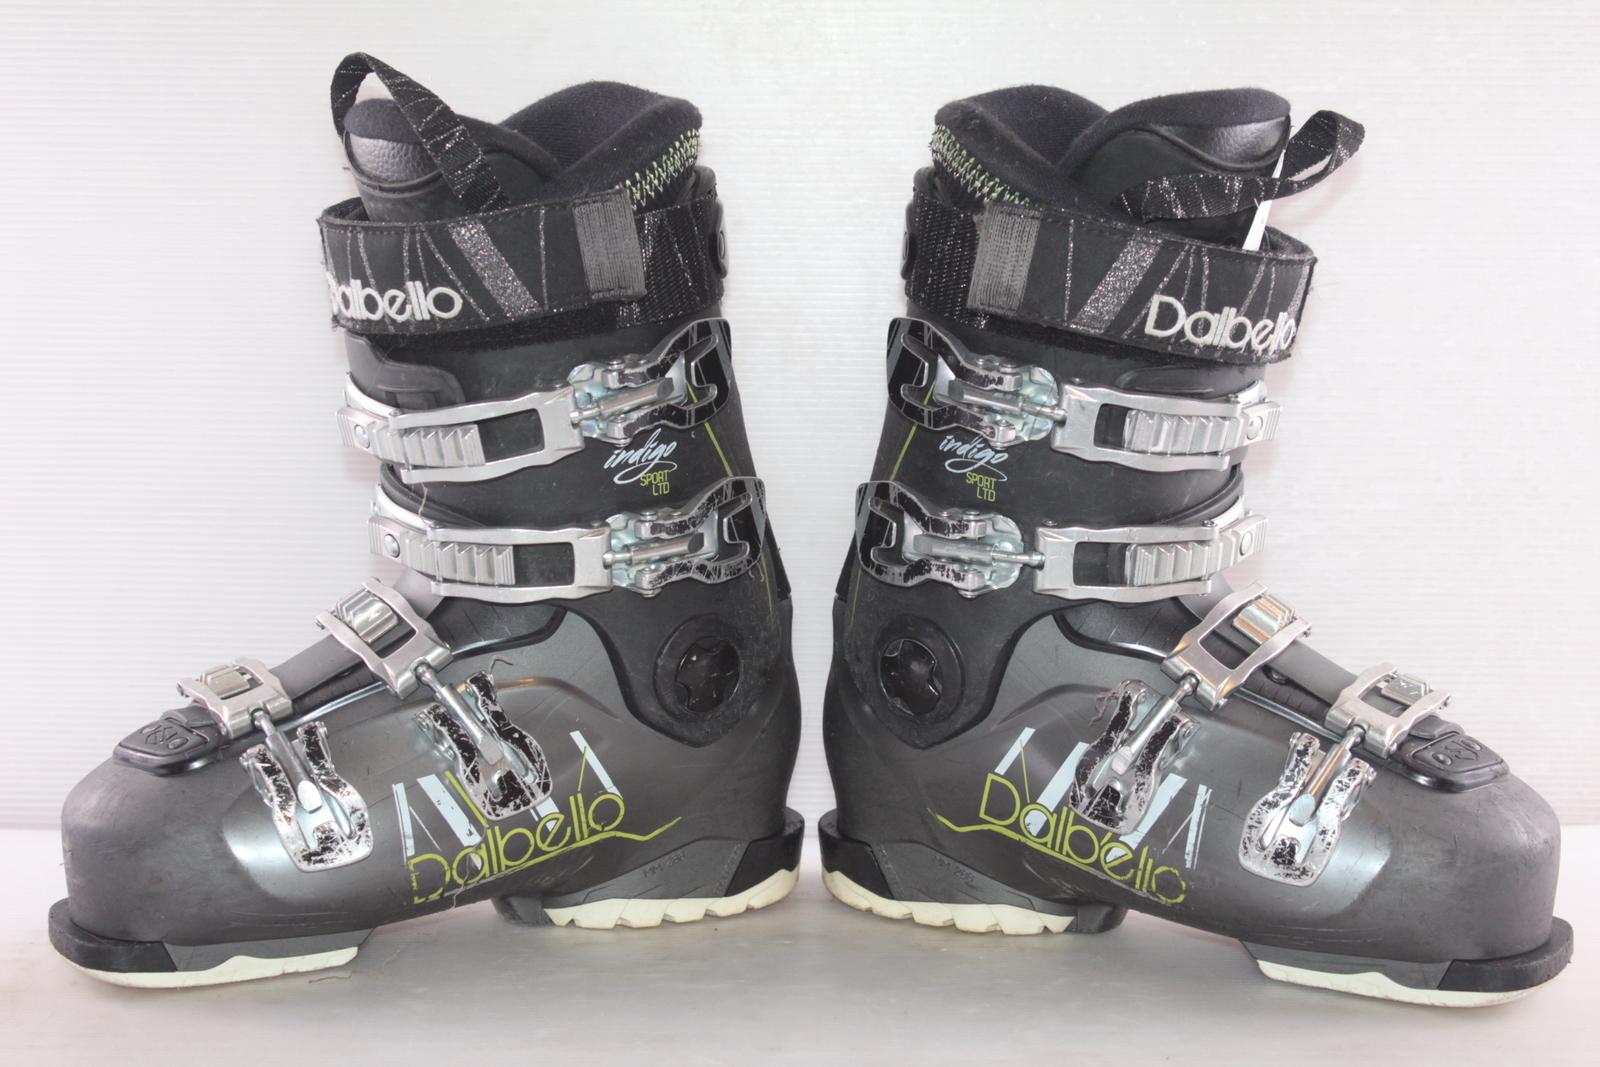 Dámské lyžáky Dalbello Indigo Sport Ltd vel. EU38.5 flexe 80